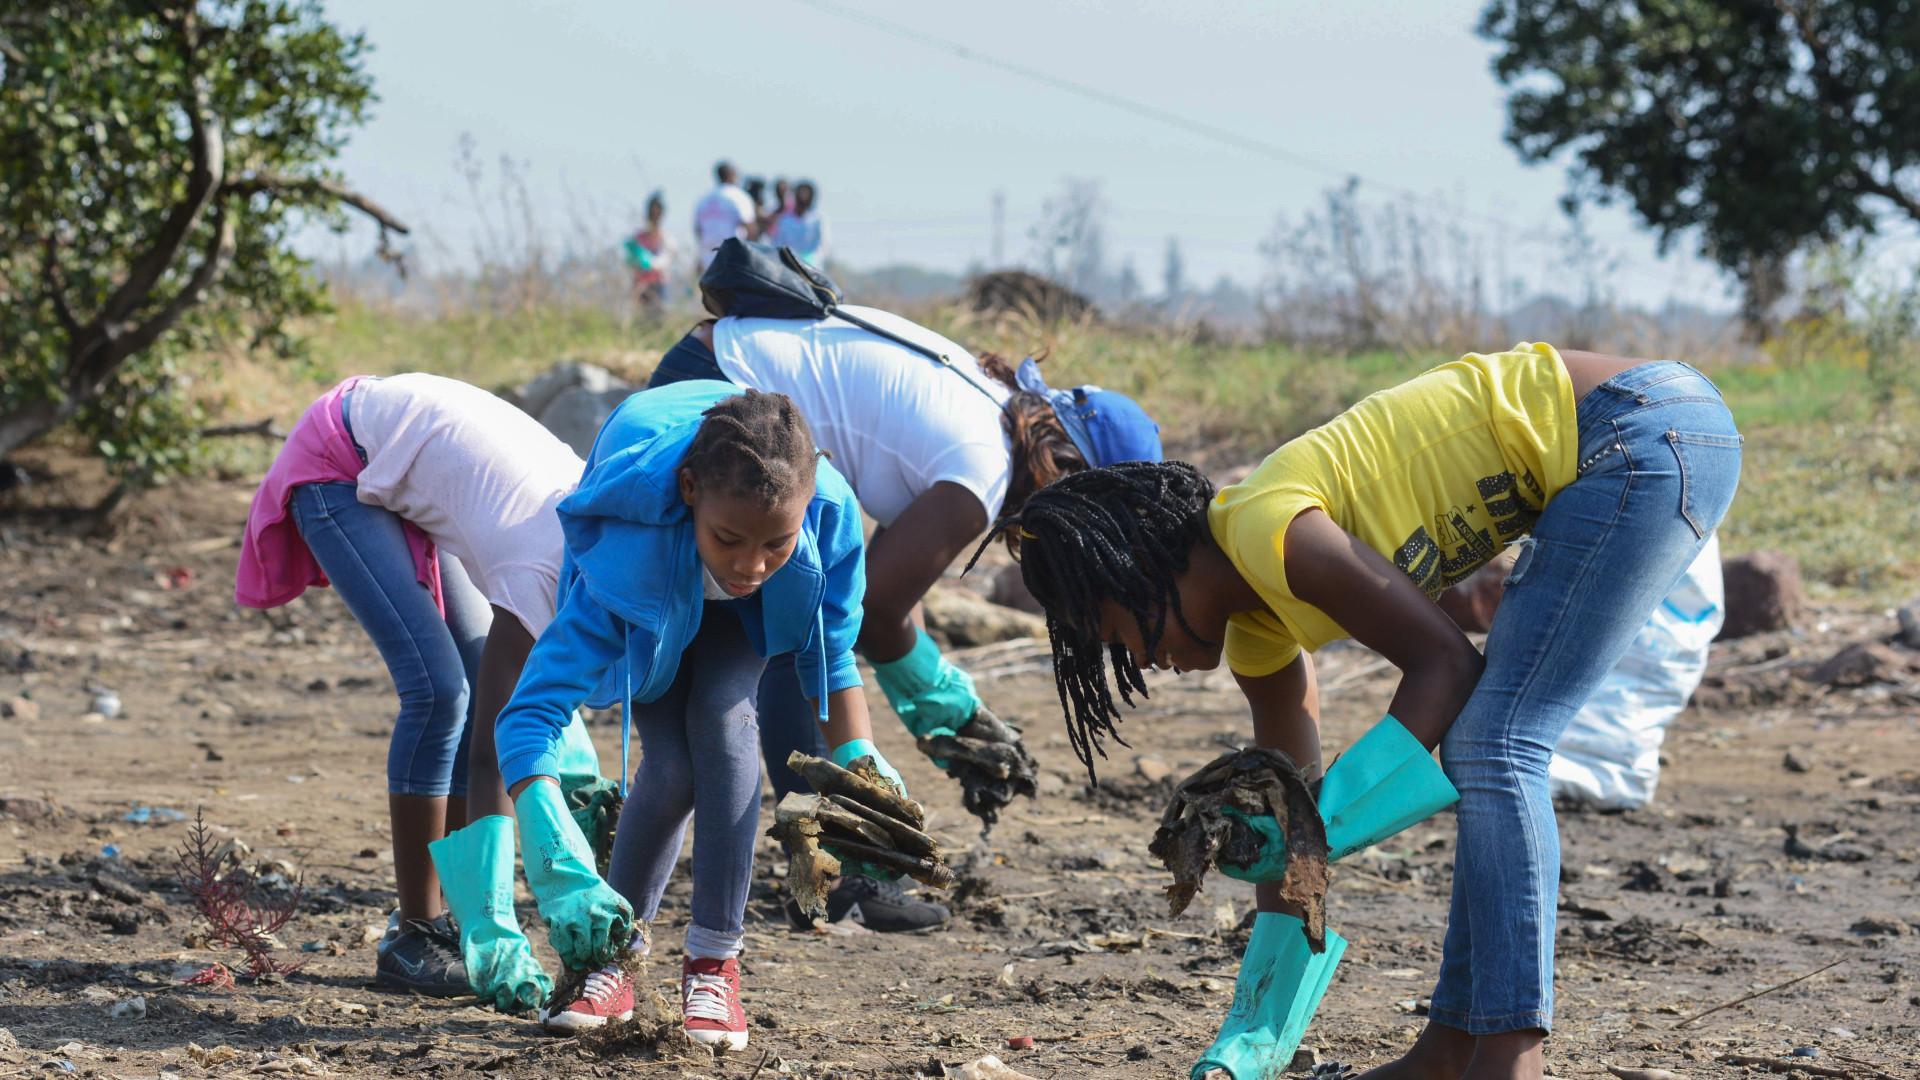 Magistrados da capital moçambicana participam em jornada de limpeza